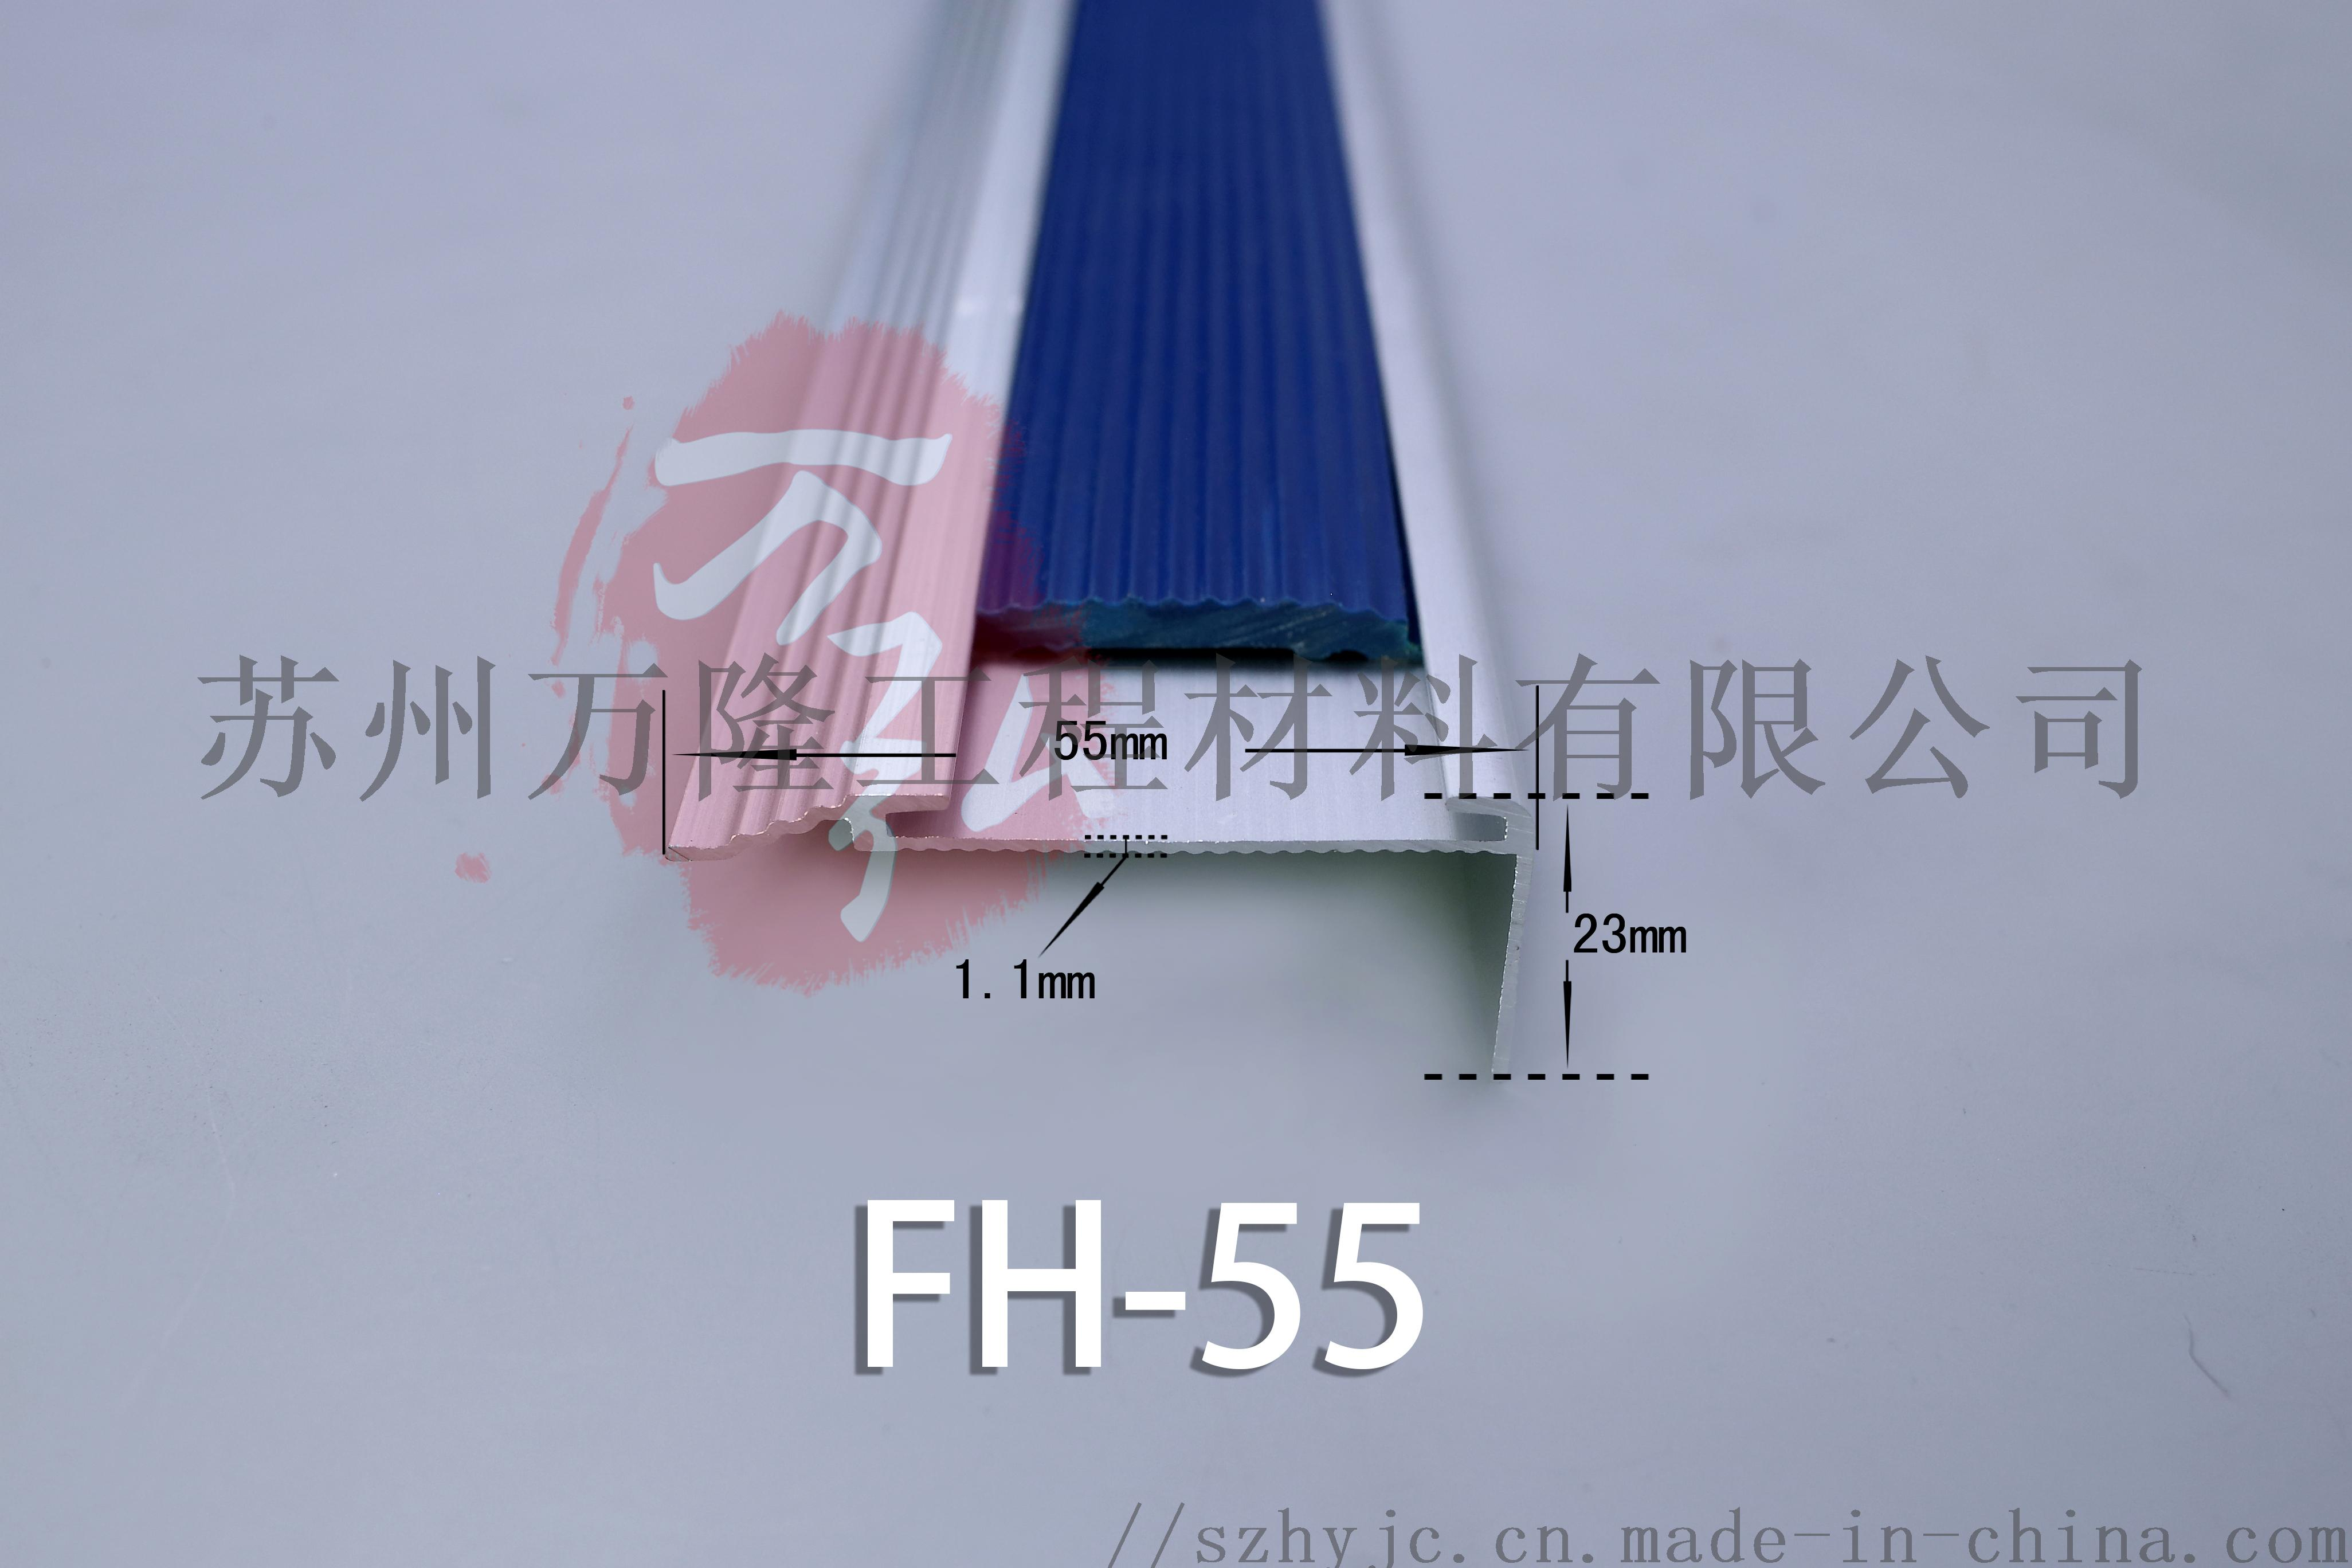 楼梯防滑条种类,铝合金楼梯,踏步防滑条安装方法133909015